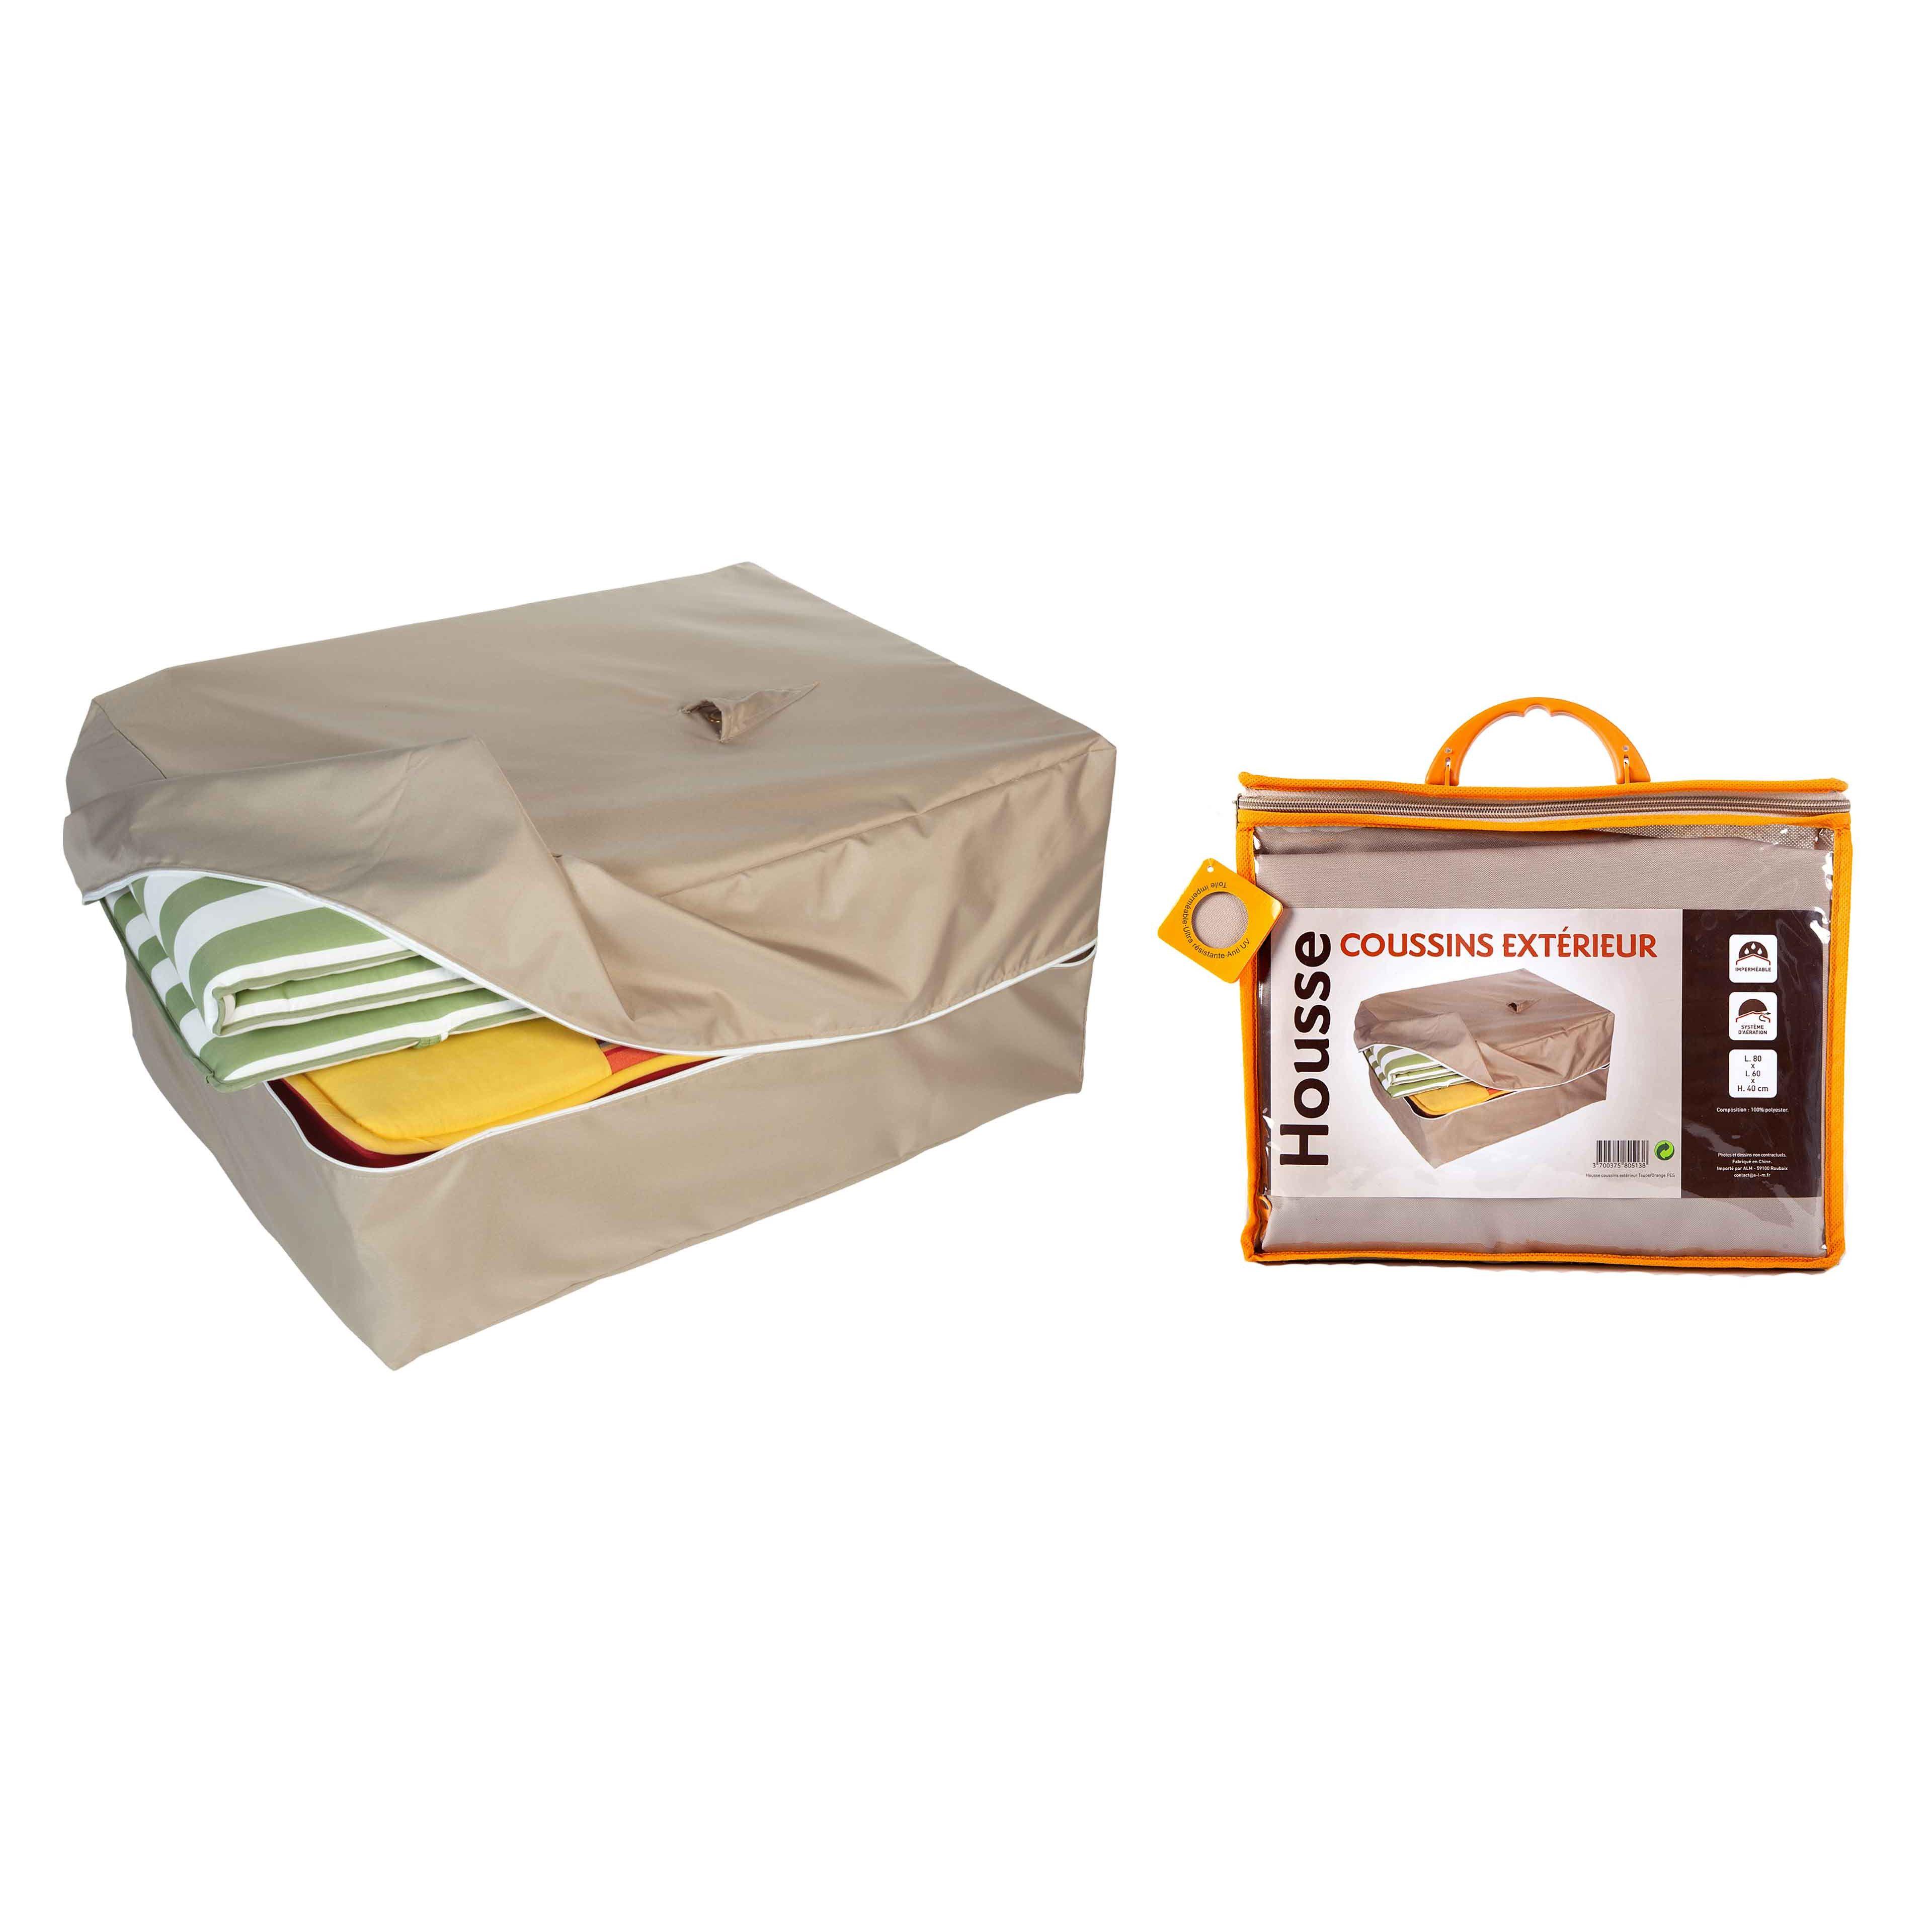 81b51732fd592 Housse de protection pour coussins d extérieur